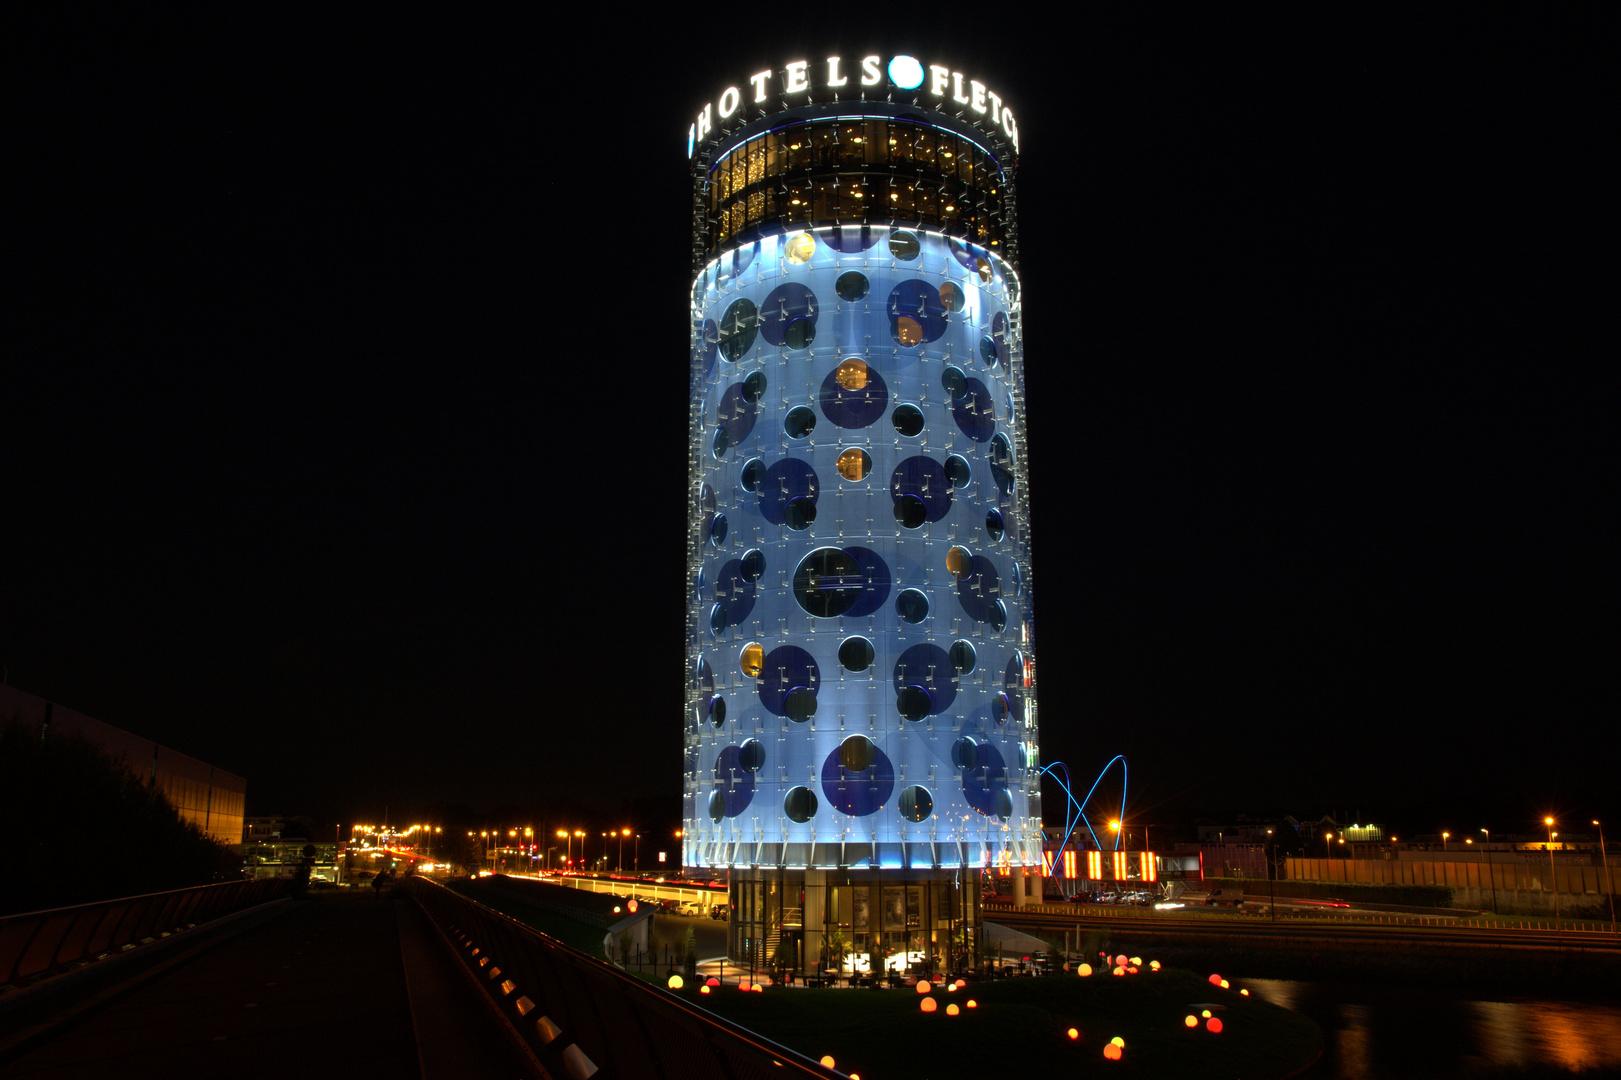 Fletcher Hotel Amsterdam bei Nacht